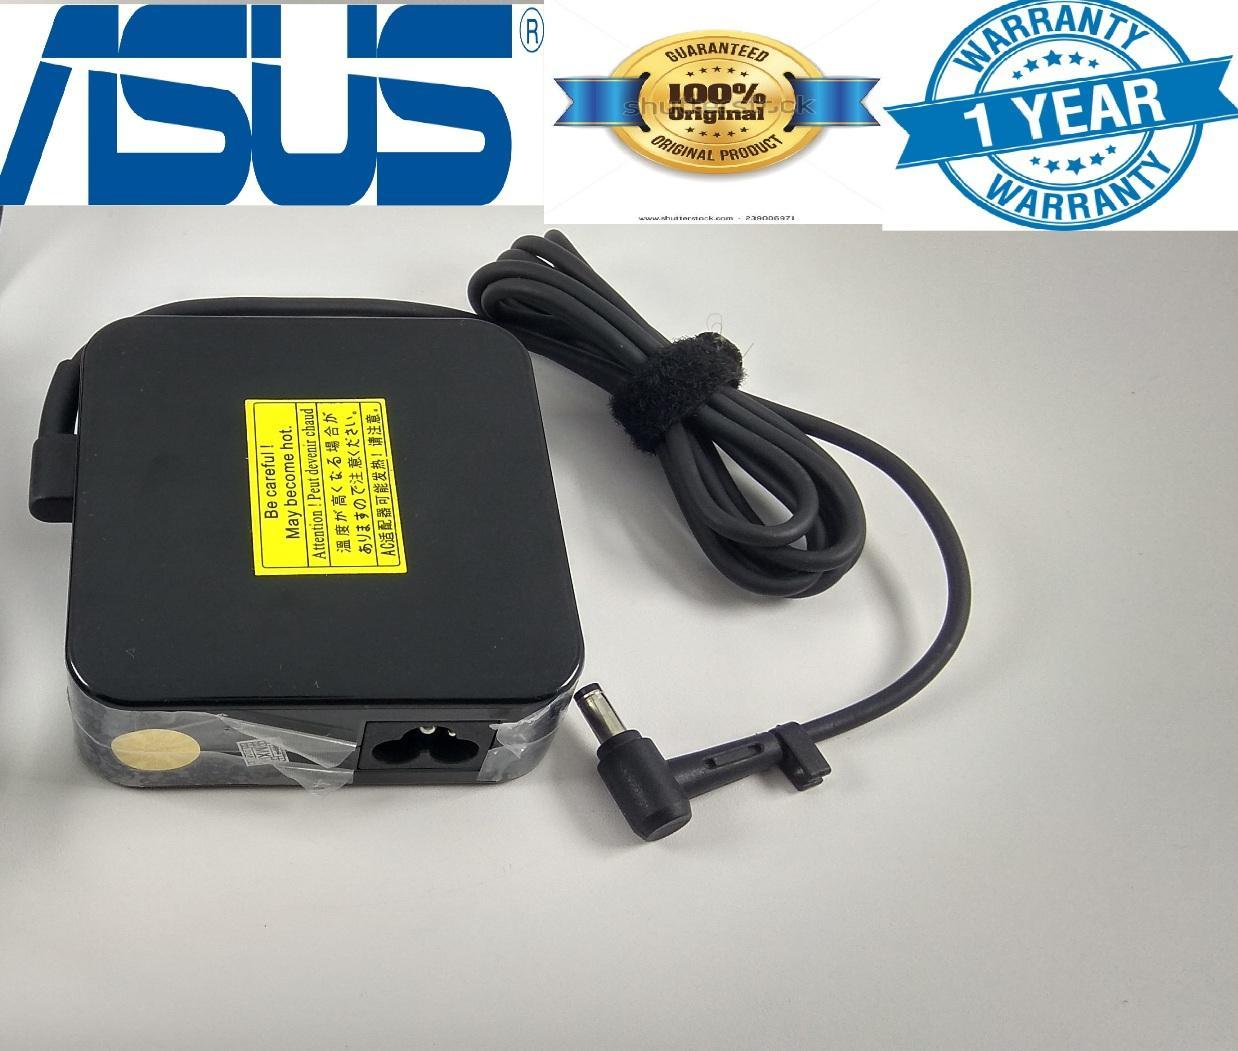 ASUS Adaptor 19v 4.74a 5.5x2.5mm Original Model Petak Kotak ORI